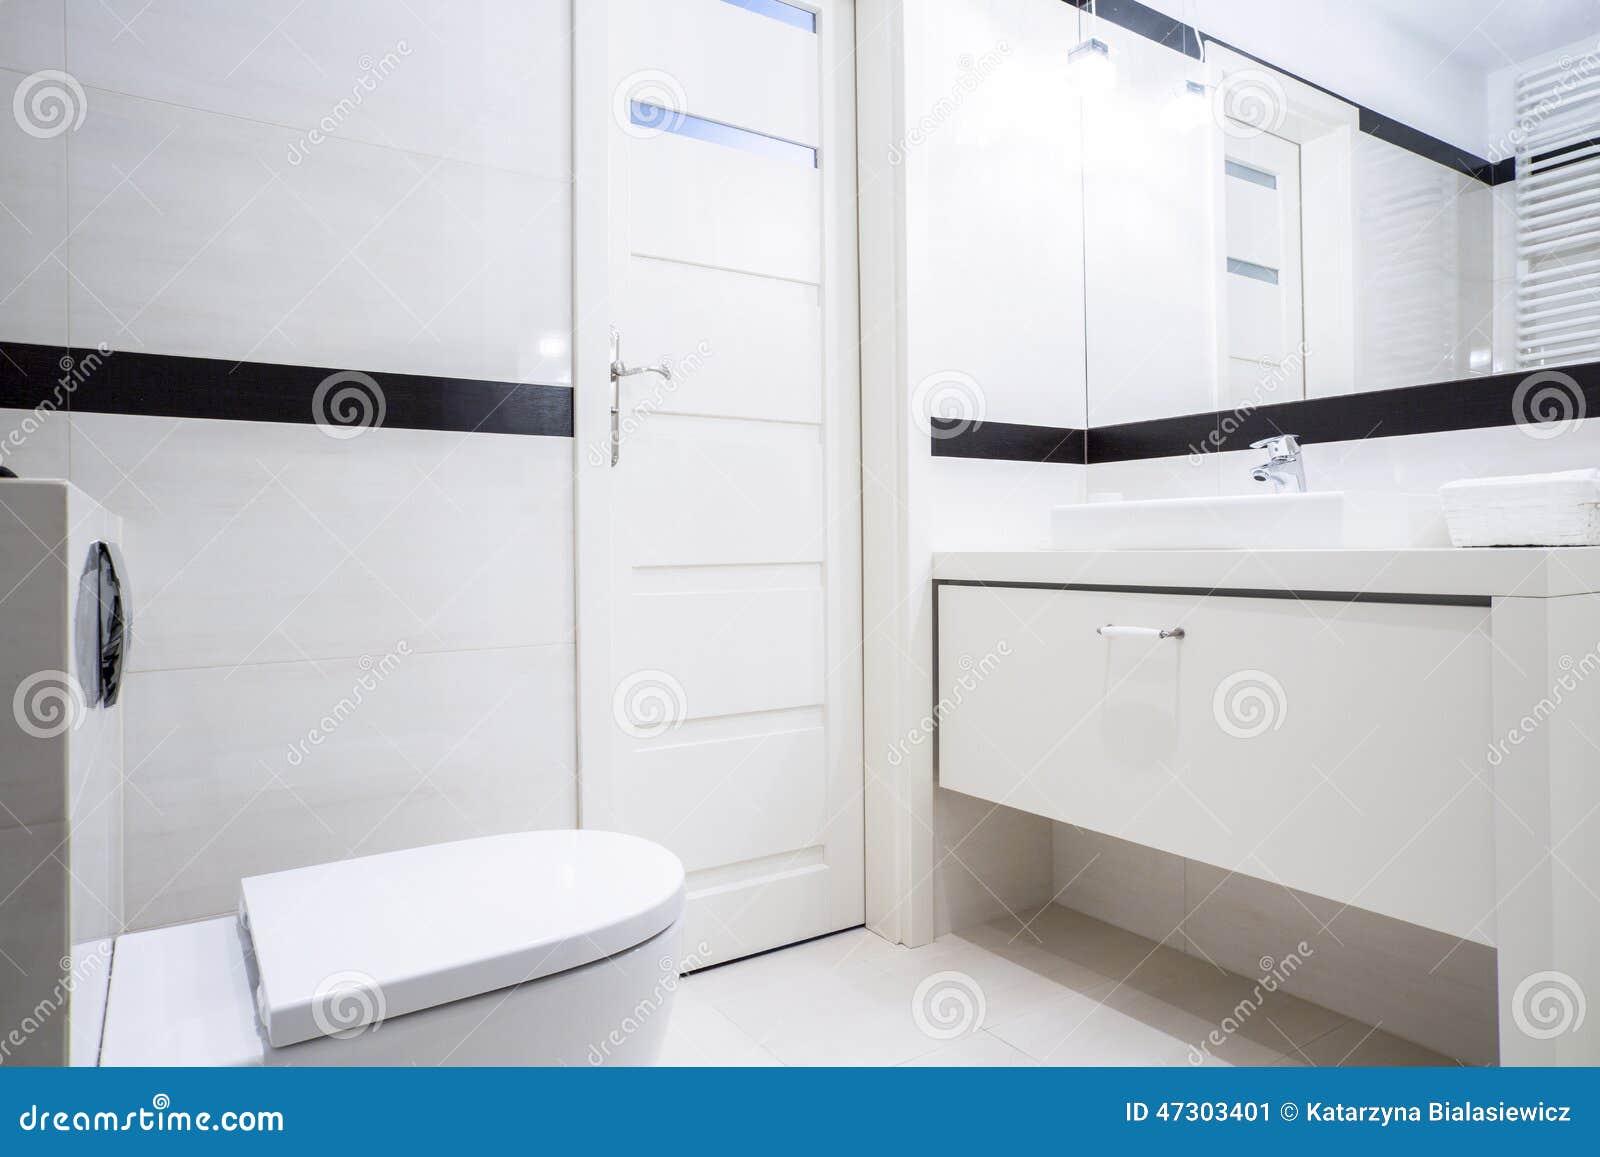 Pavimento bagno bianco e nero come arredare casa in bianco e nero bagno bianco e nero u2014 - Bagno arancione e bianco ...